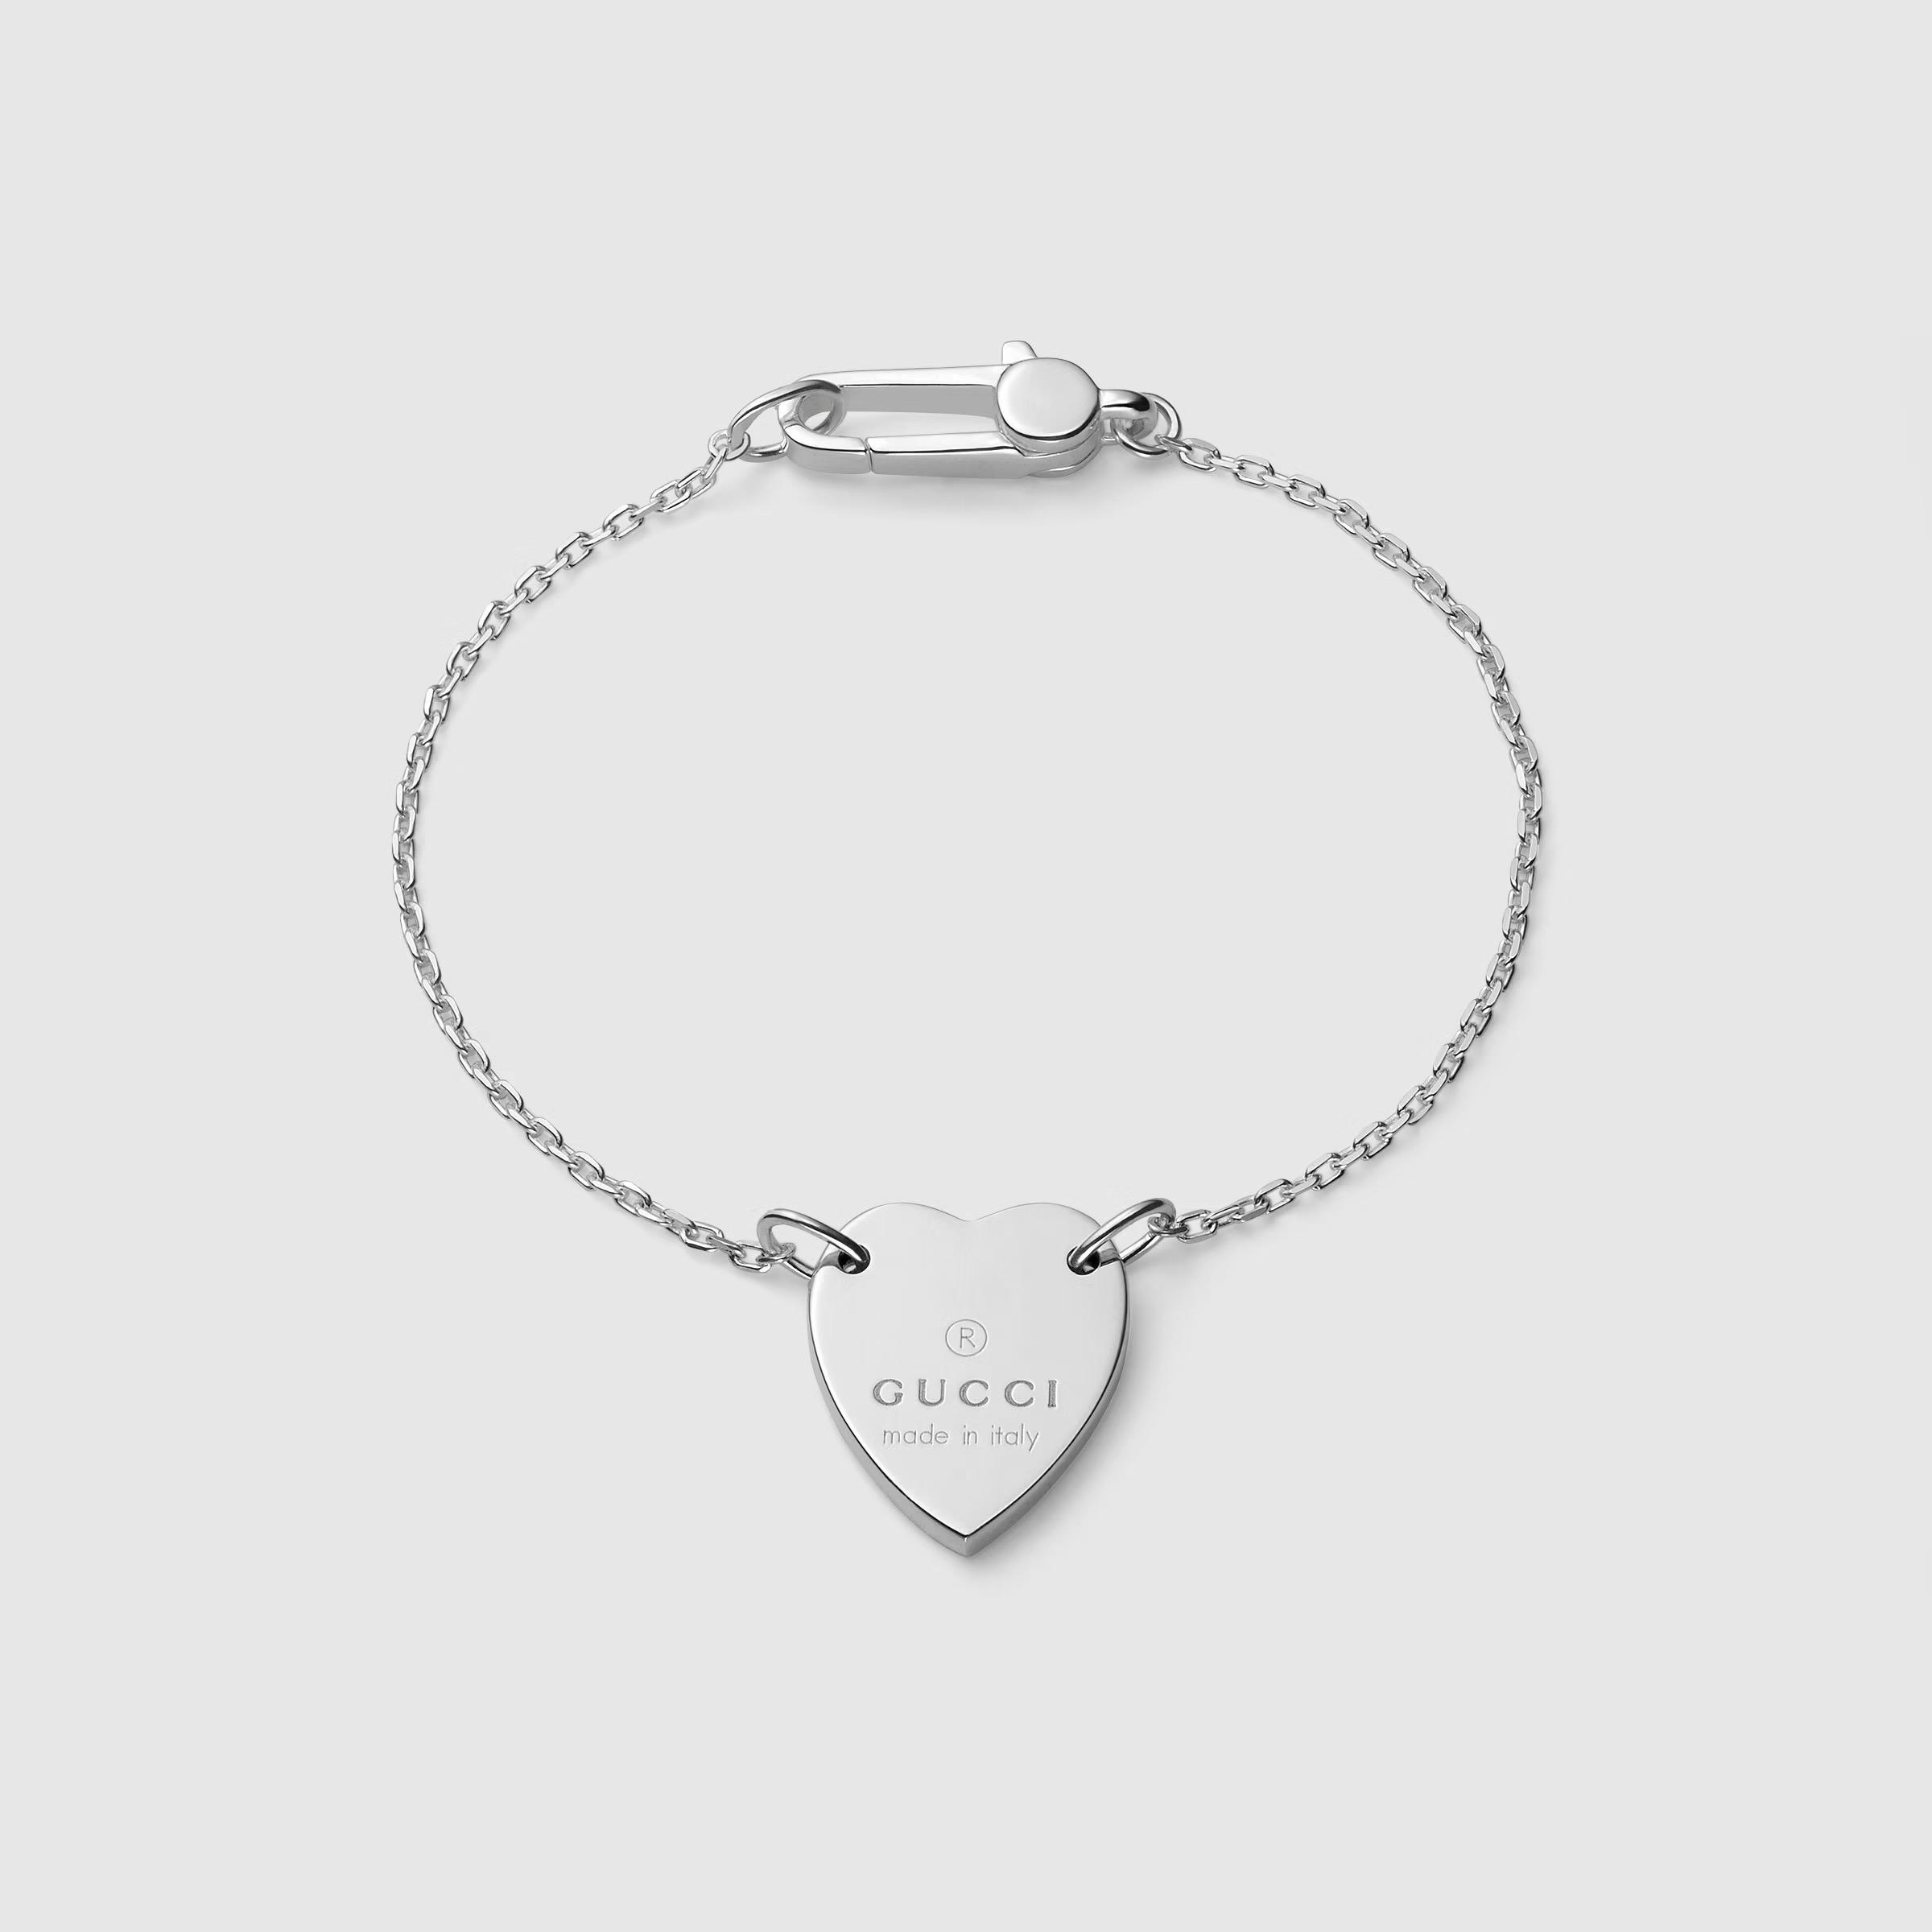 商品Heart bracelet with Gucci trademark  YBA223513001017|包邮【Z洛杉矶直发】图片